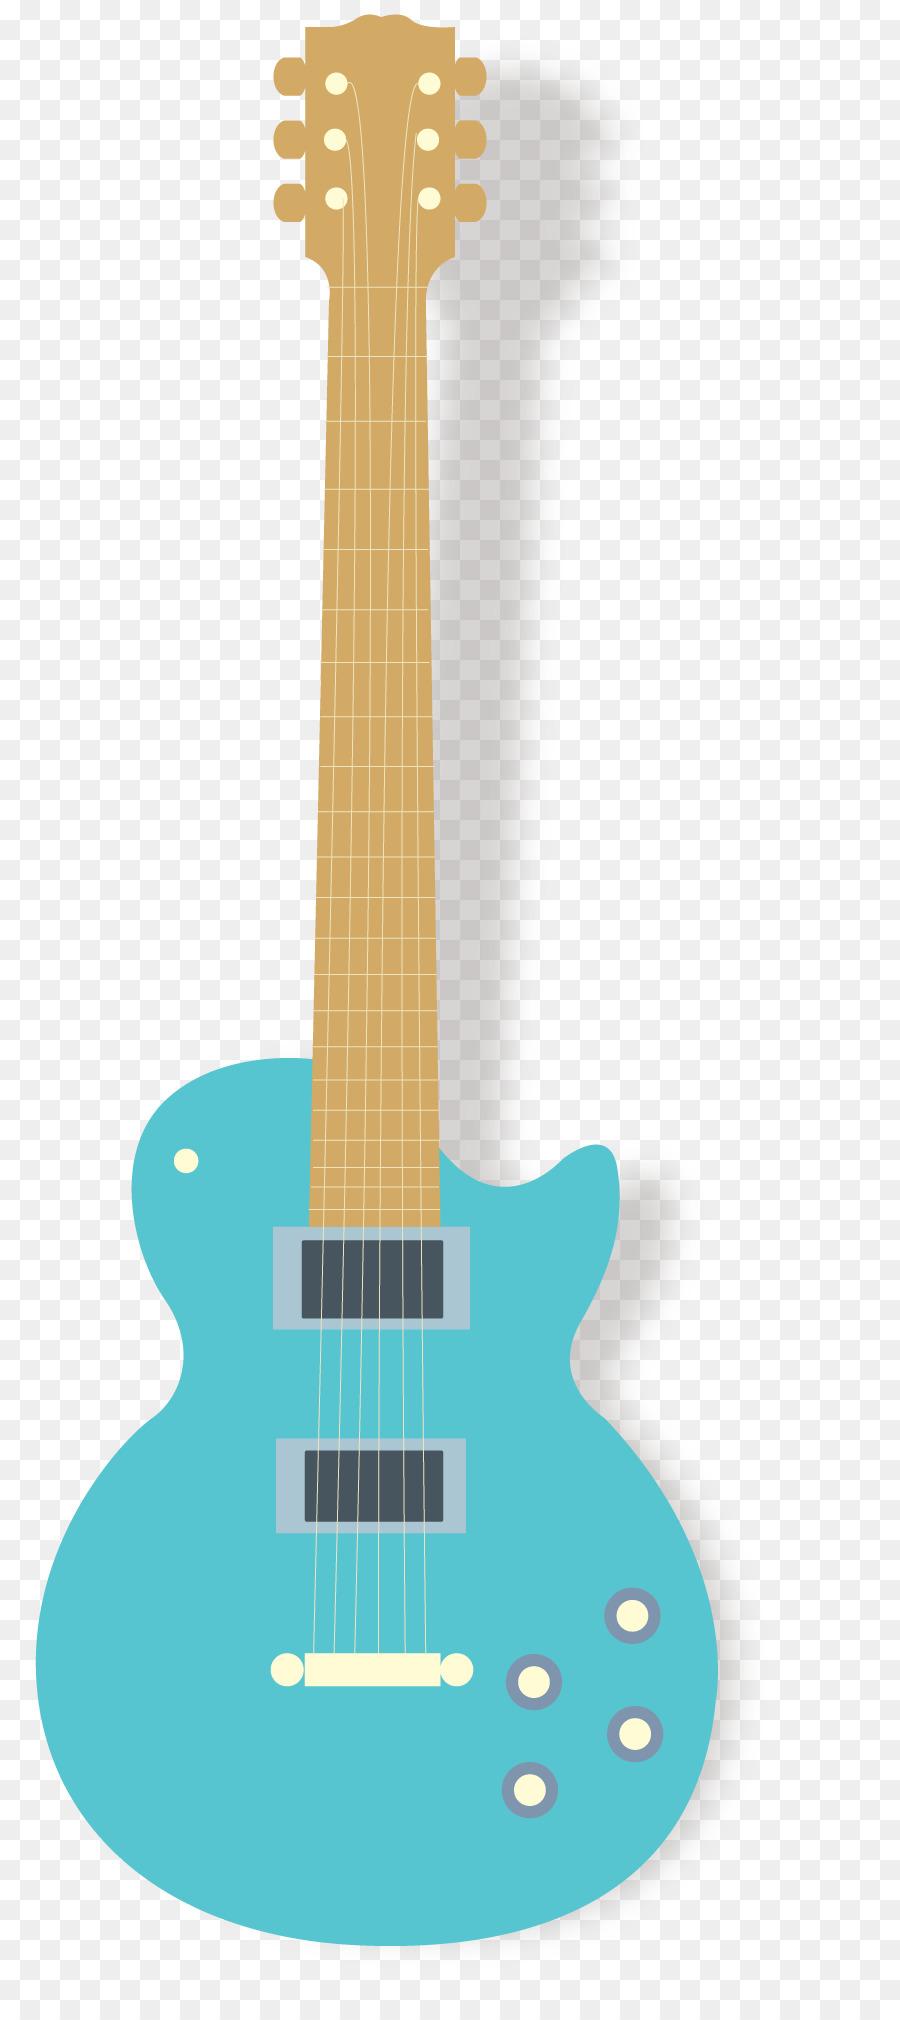 Cartoon product . Guitar clipart guitar design